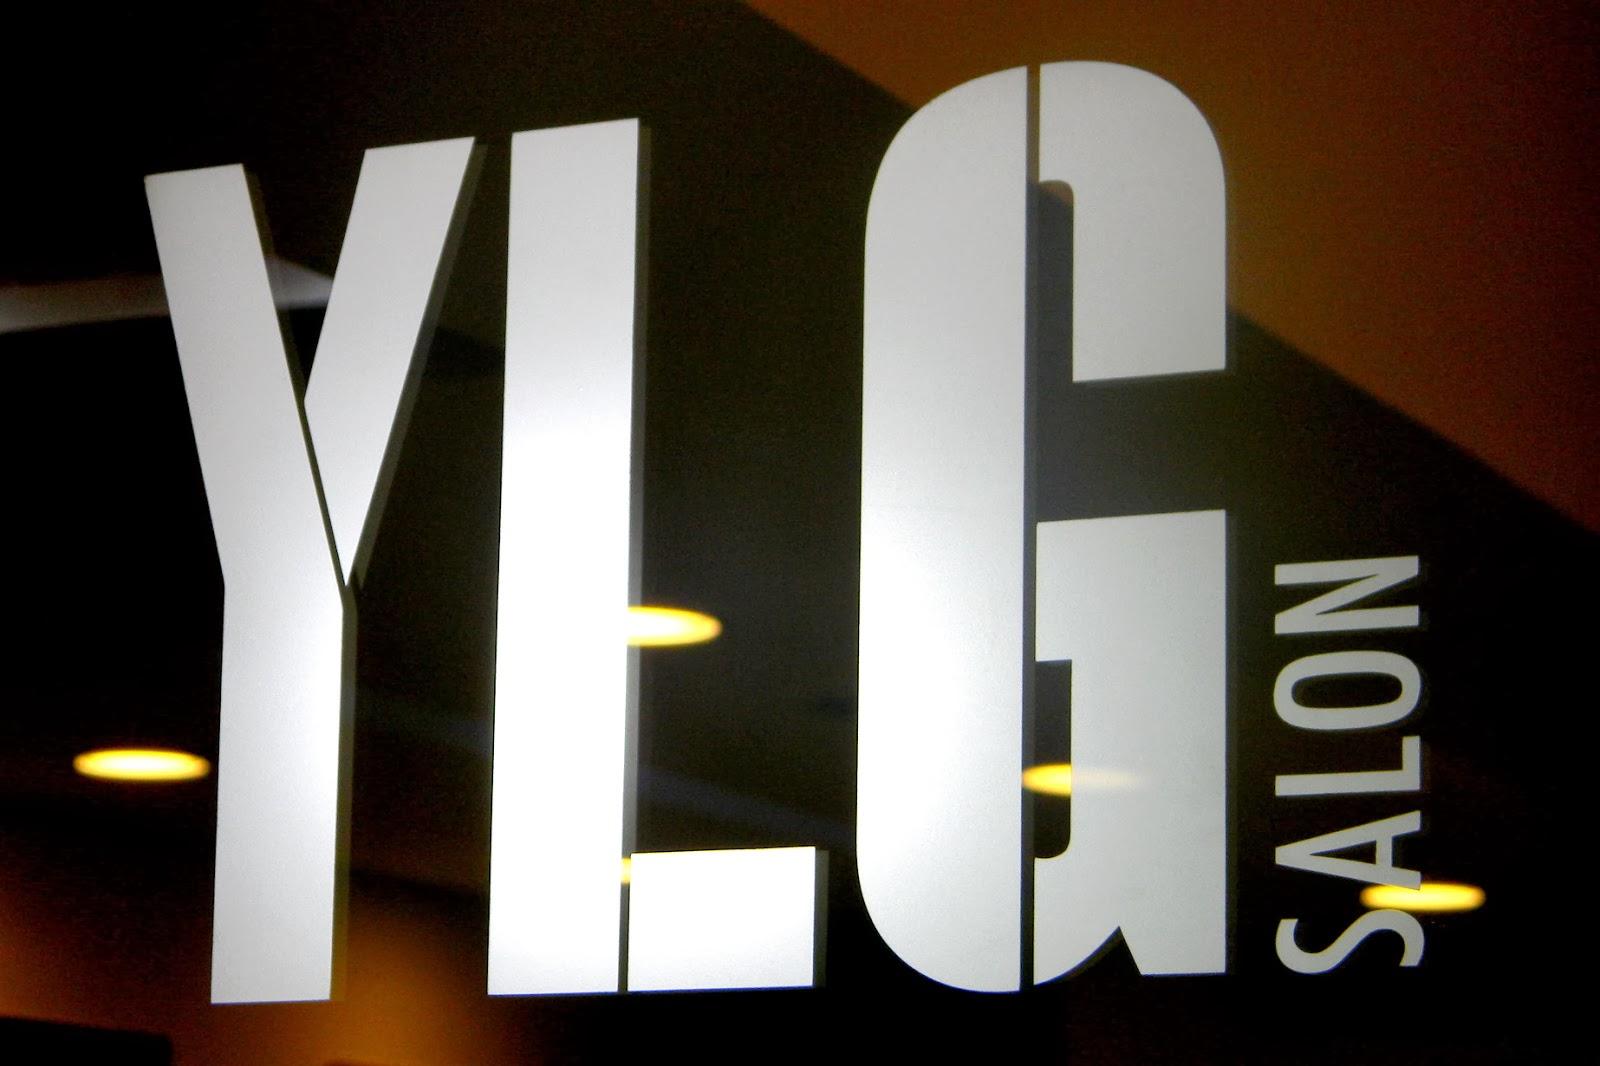 Ylg Salon Amp European Light Therapy Facial Elt Facial